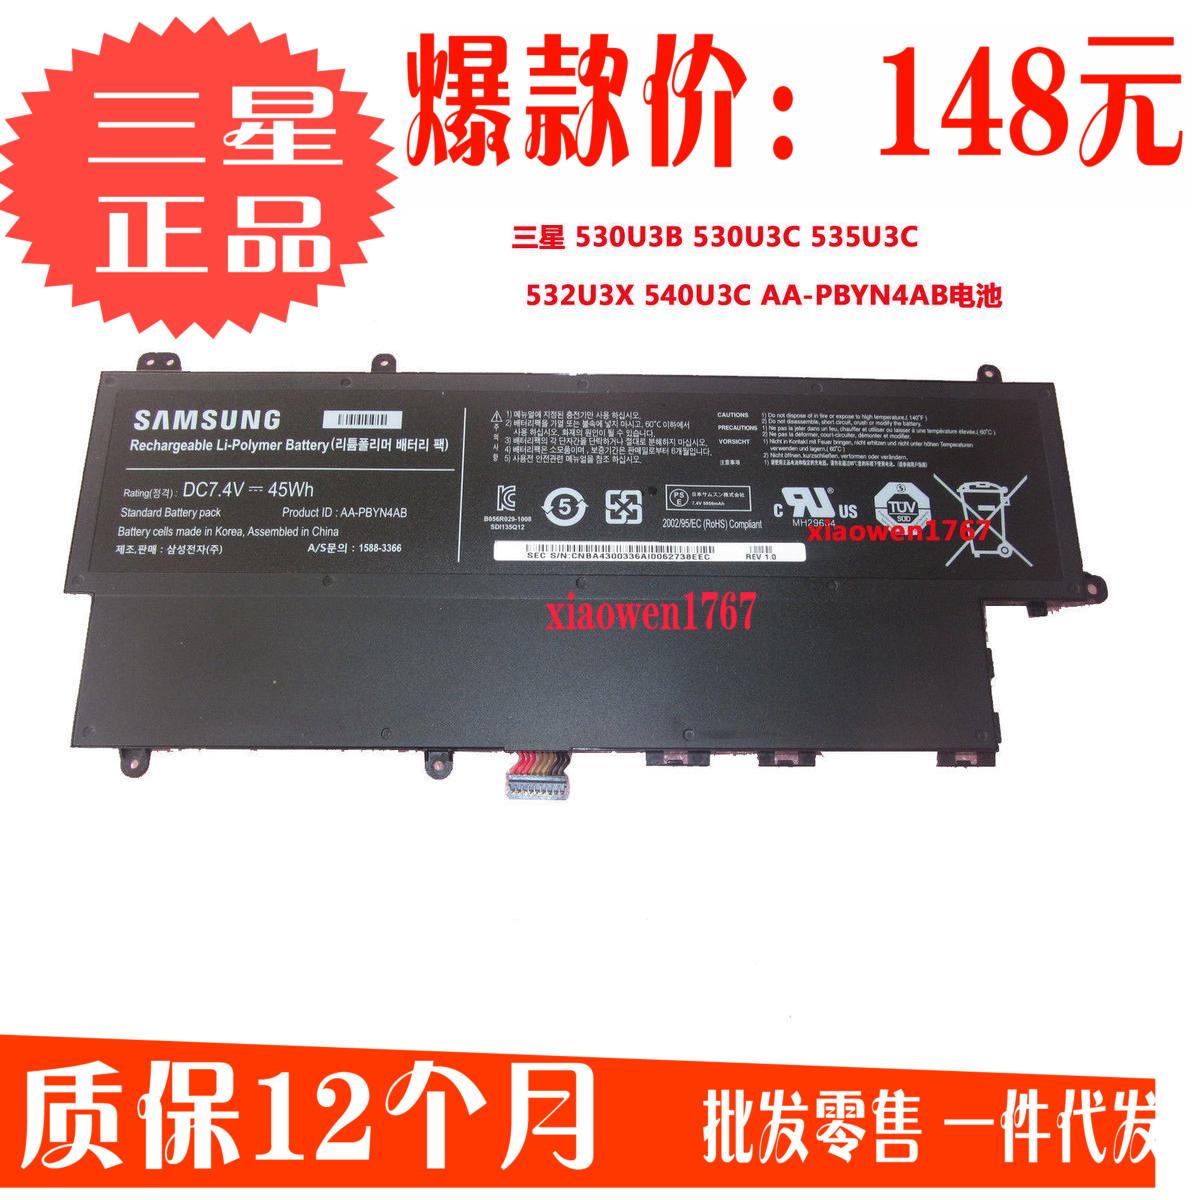 全新适用三星530U3B 532U3C 535u3x NP540U3C 超级笔记本电池